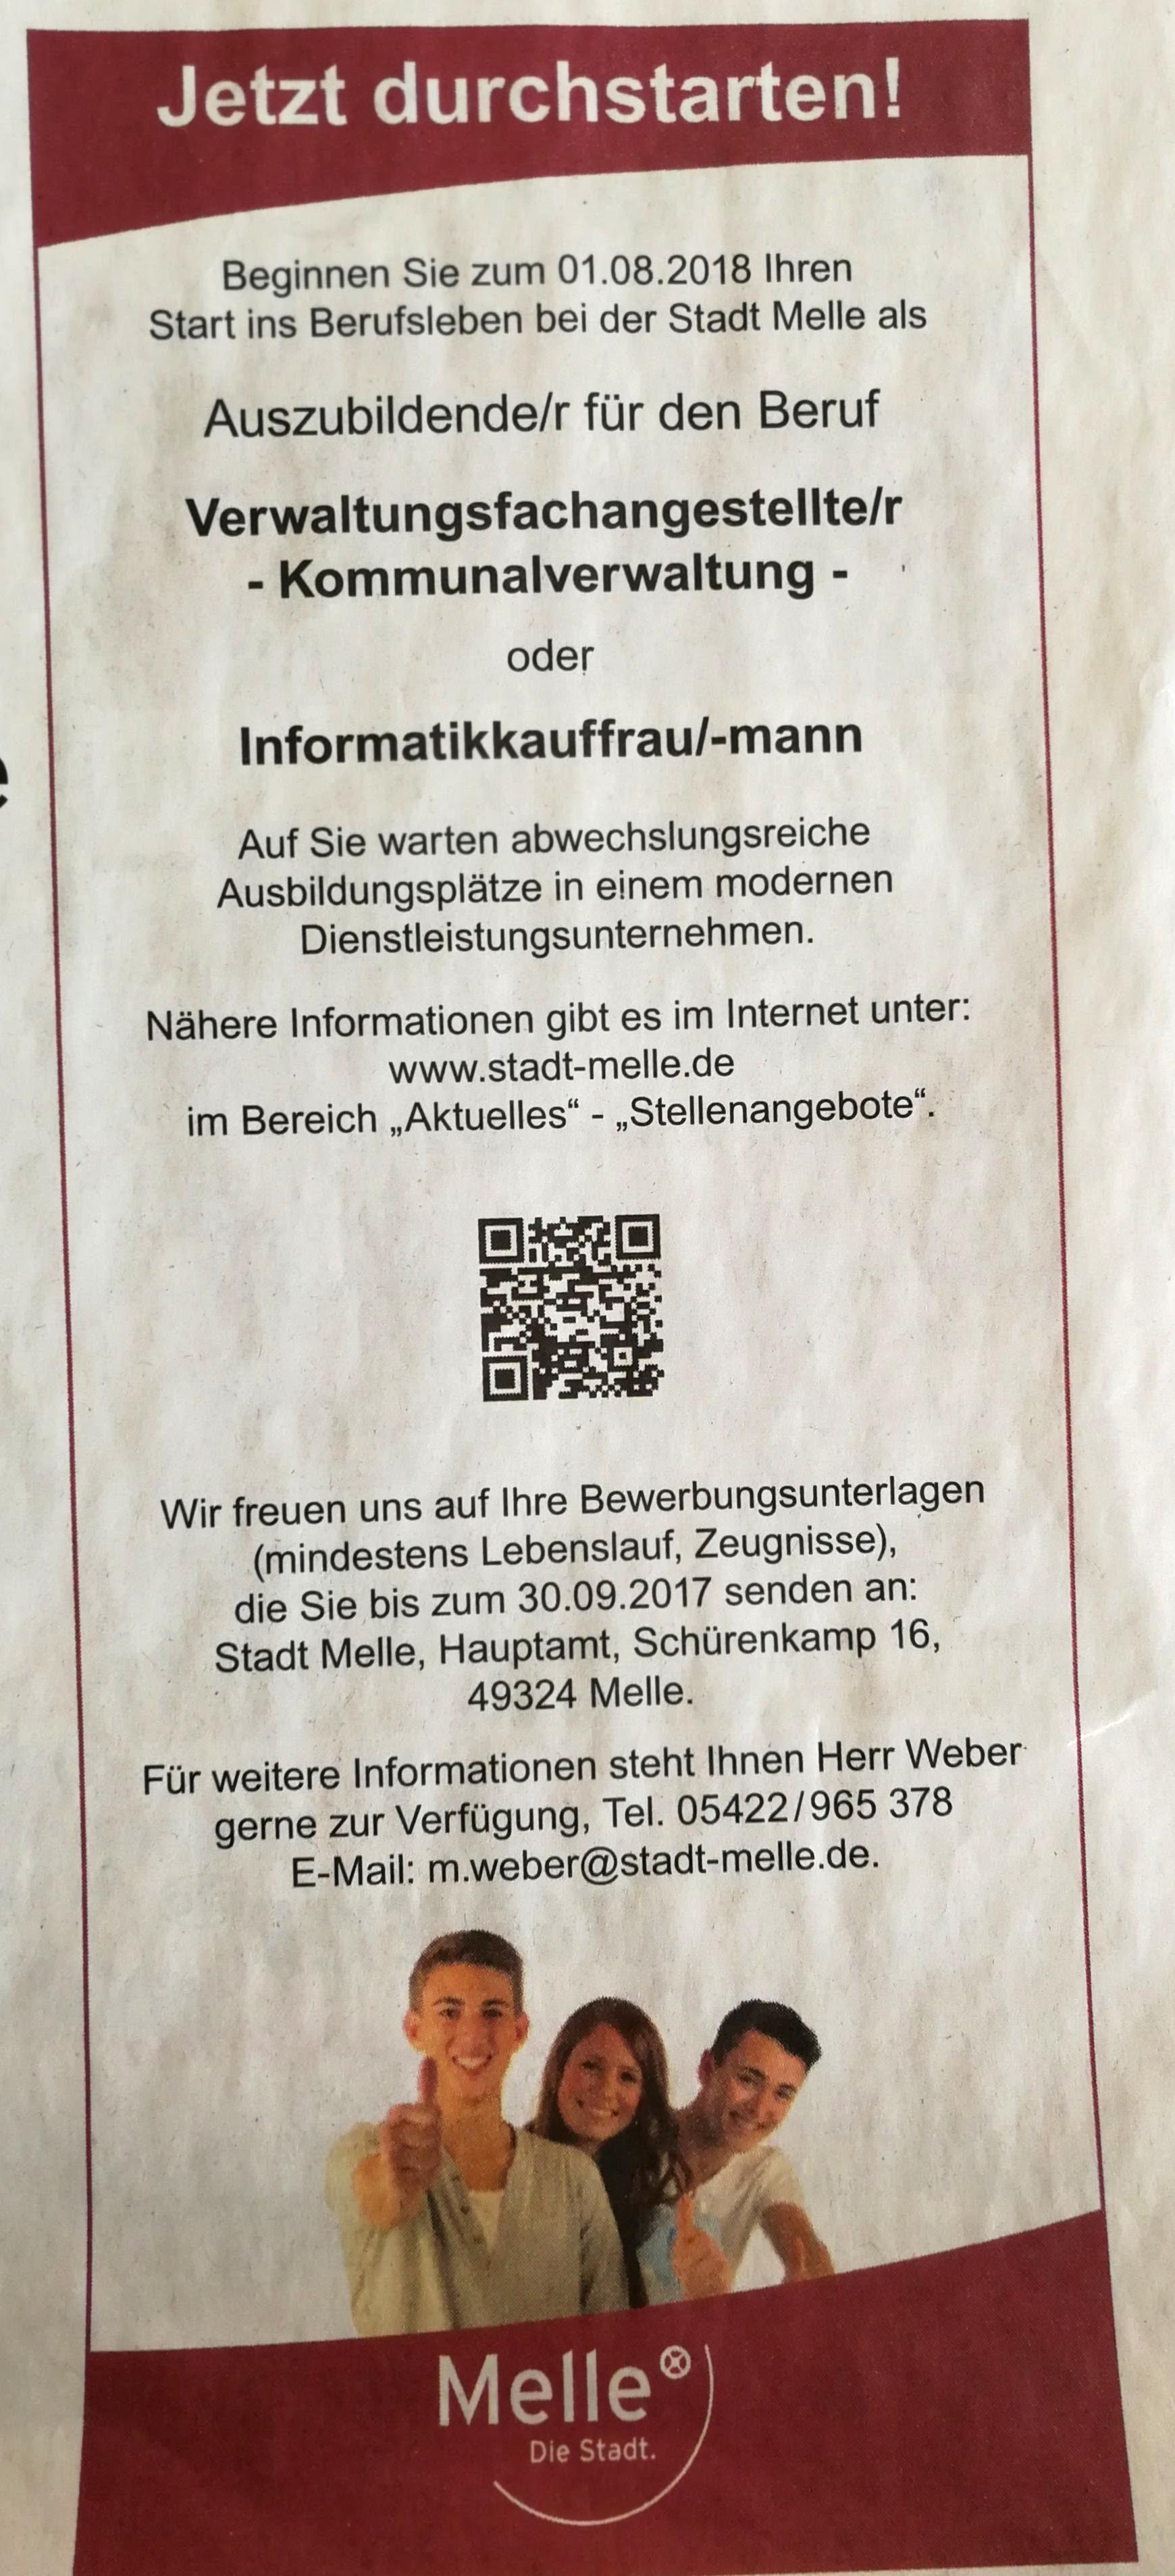 Ausgezeichnet Aktualisiere Lebenslauf Für Interne Werbung Galerie ...